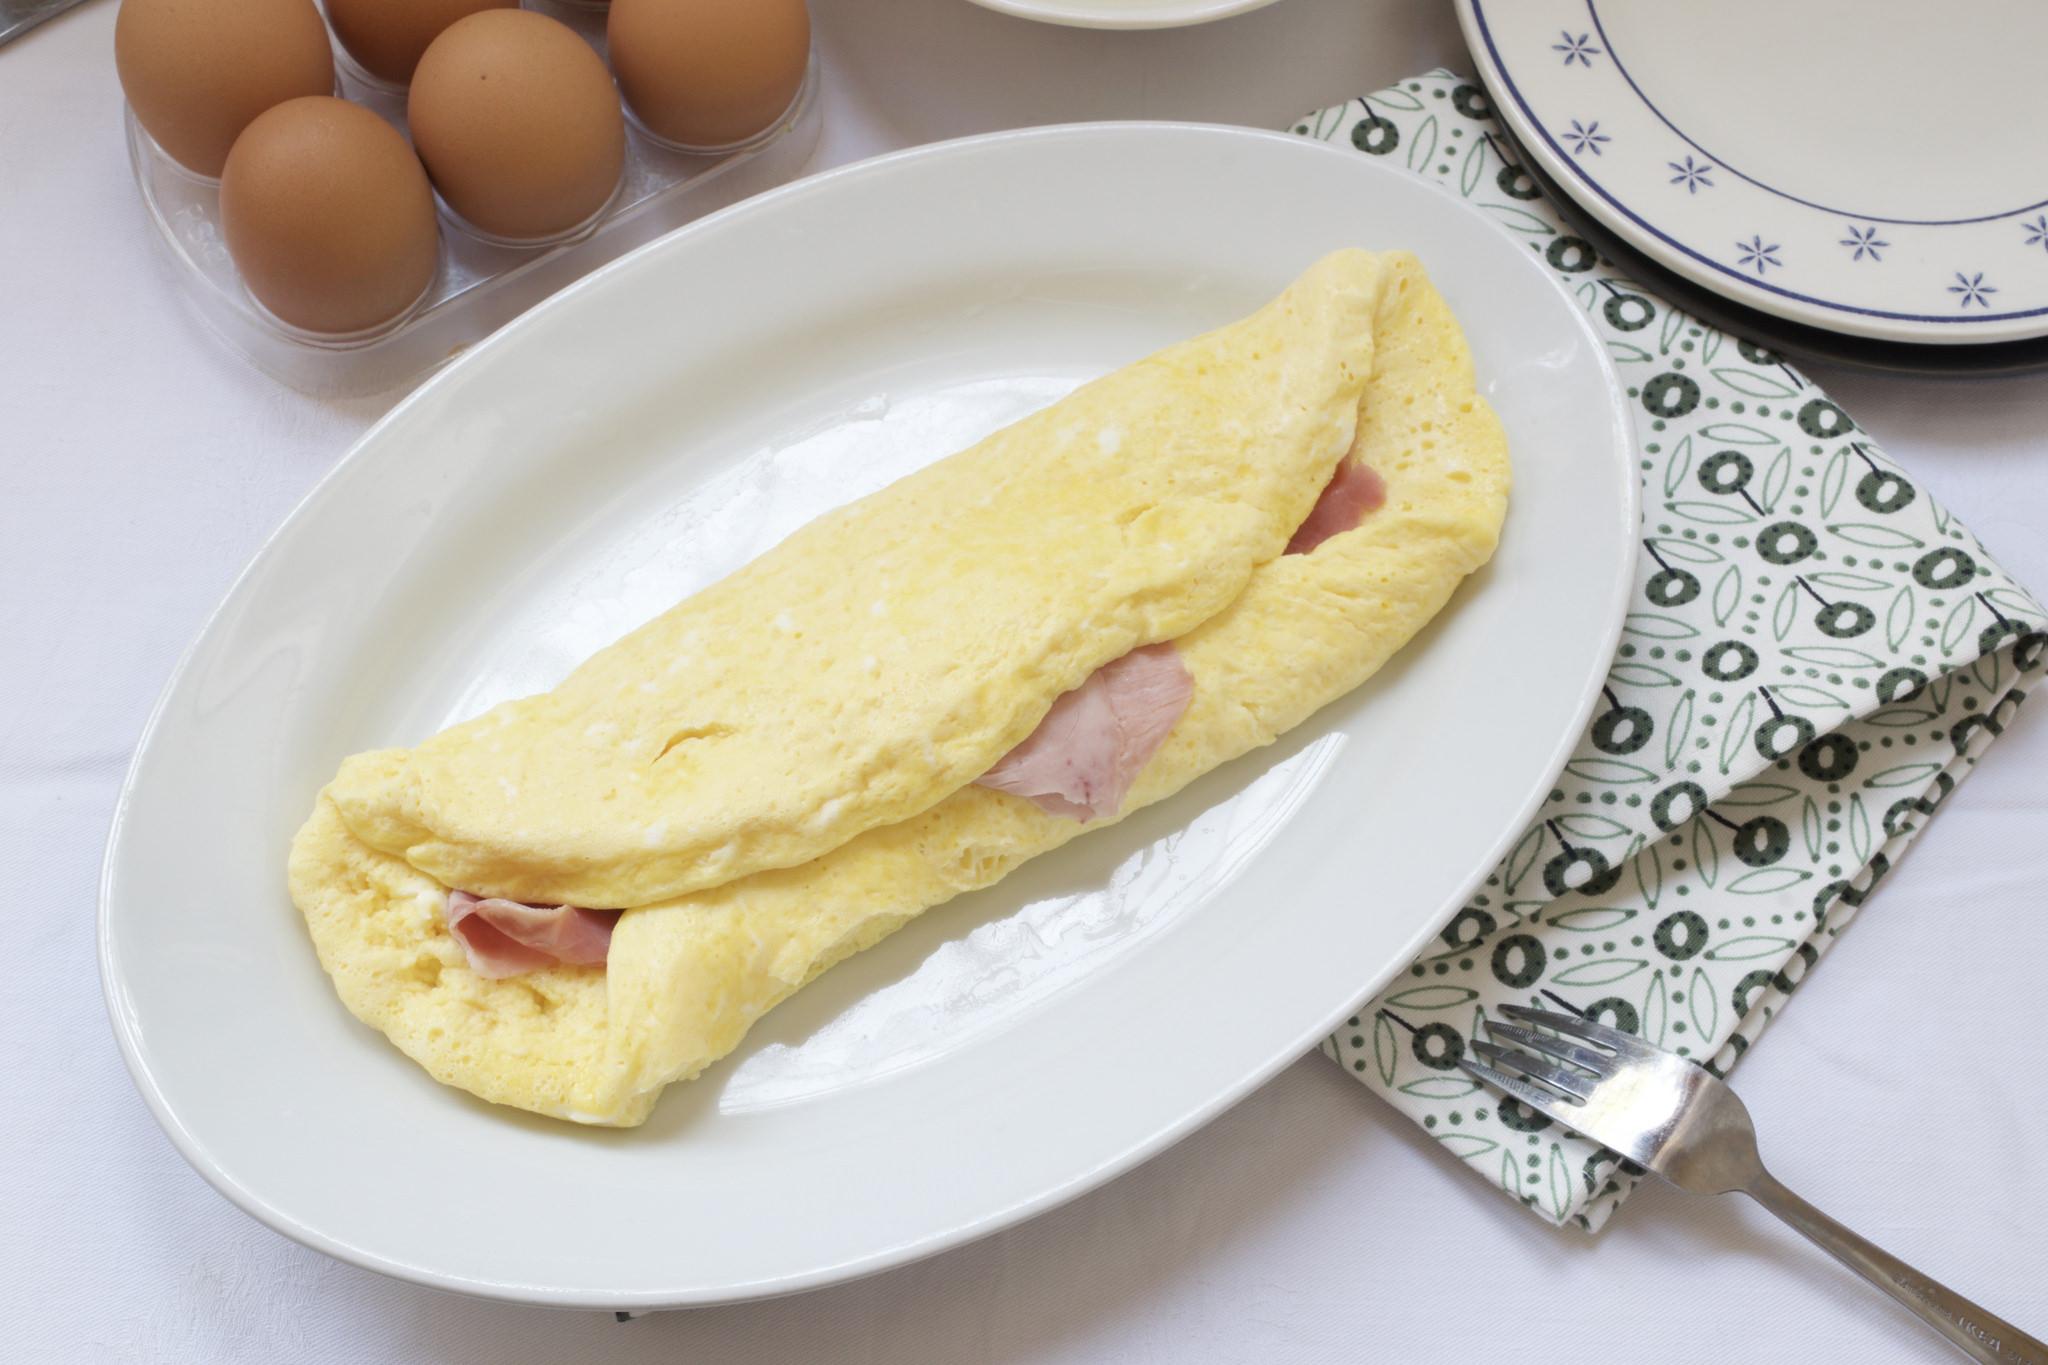 Ricetta Omelette Bimby Tm5.Omelette Prosciutto E Formaggio Bimby Tm31 Tm5